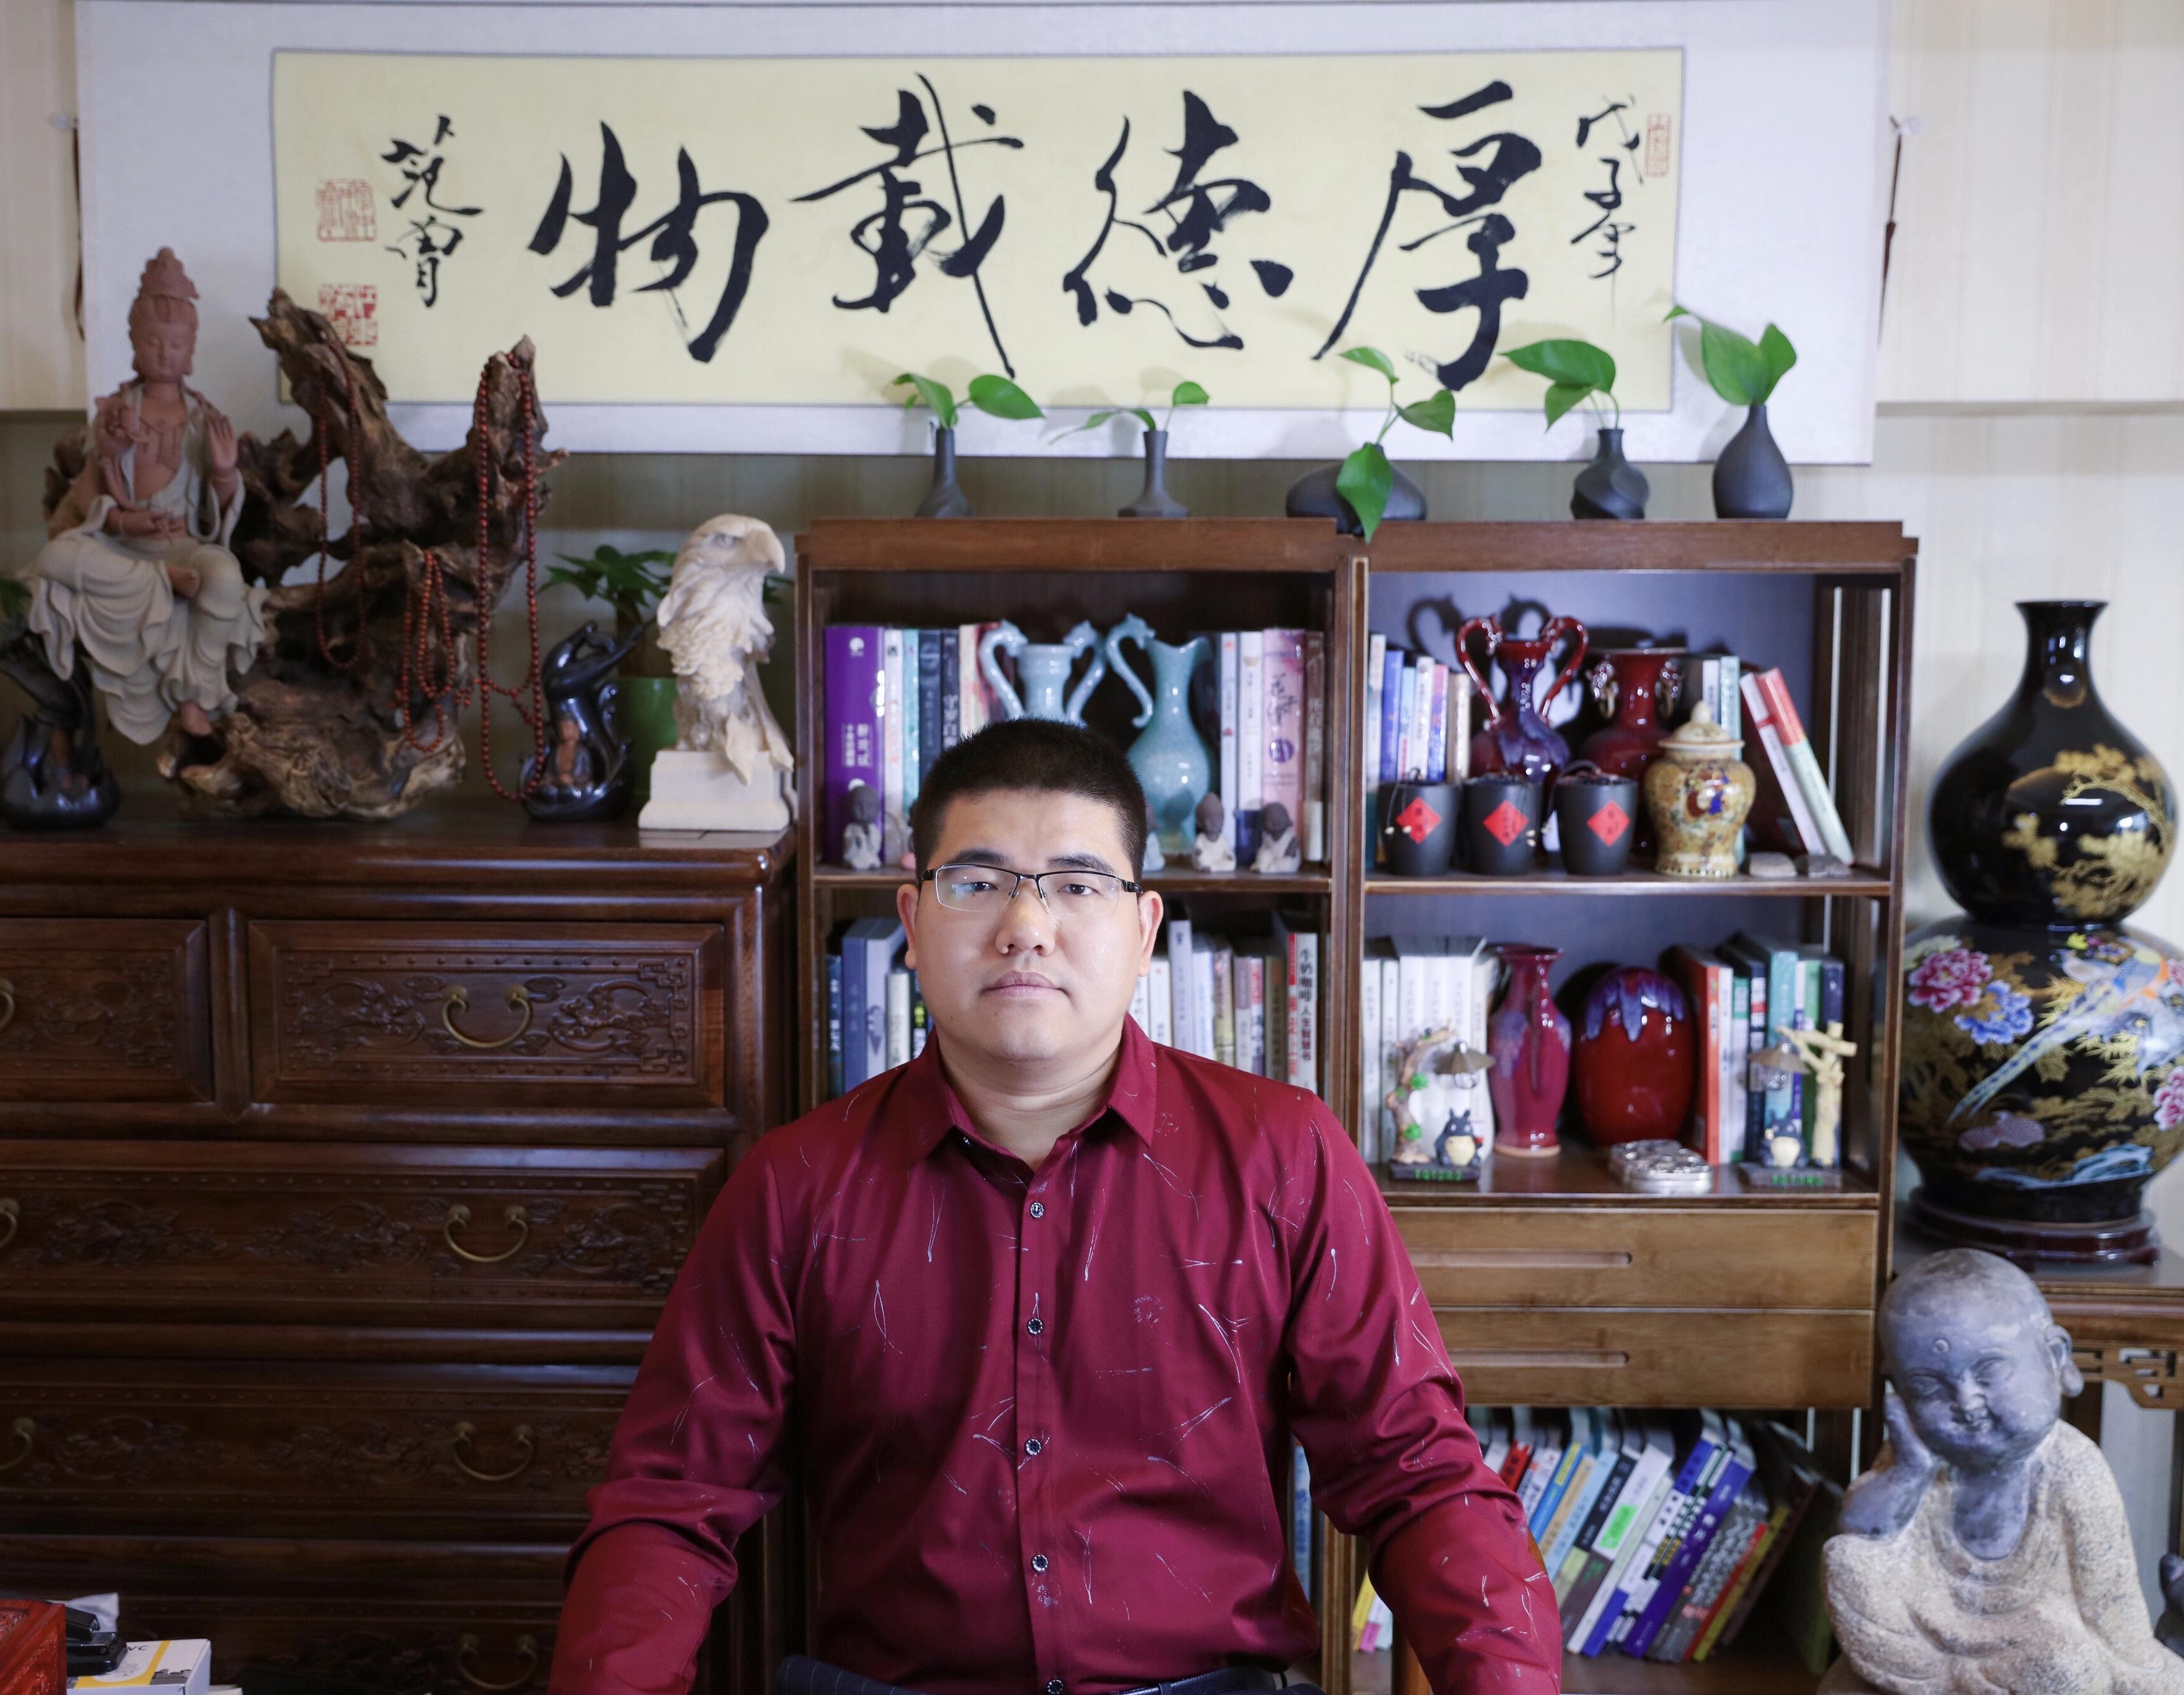 李磊逆向思维:坚持,是生命的一种毅力